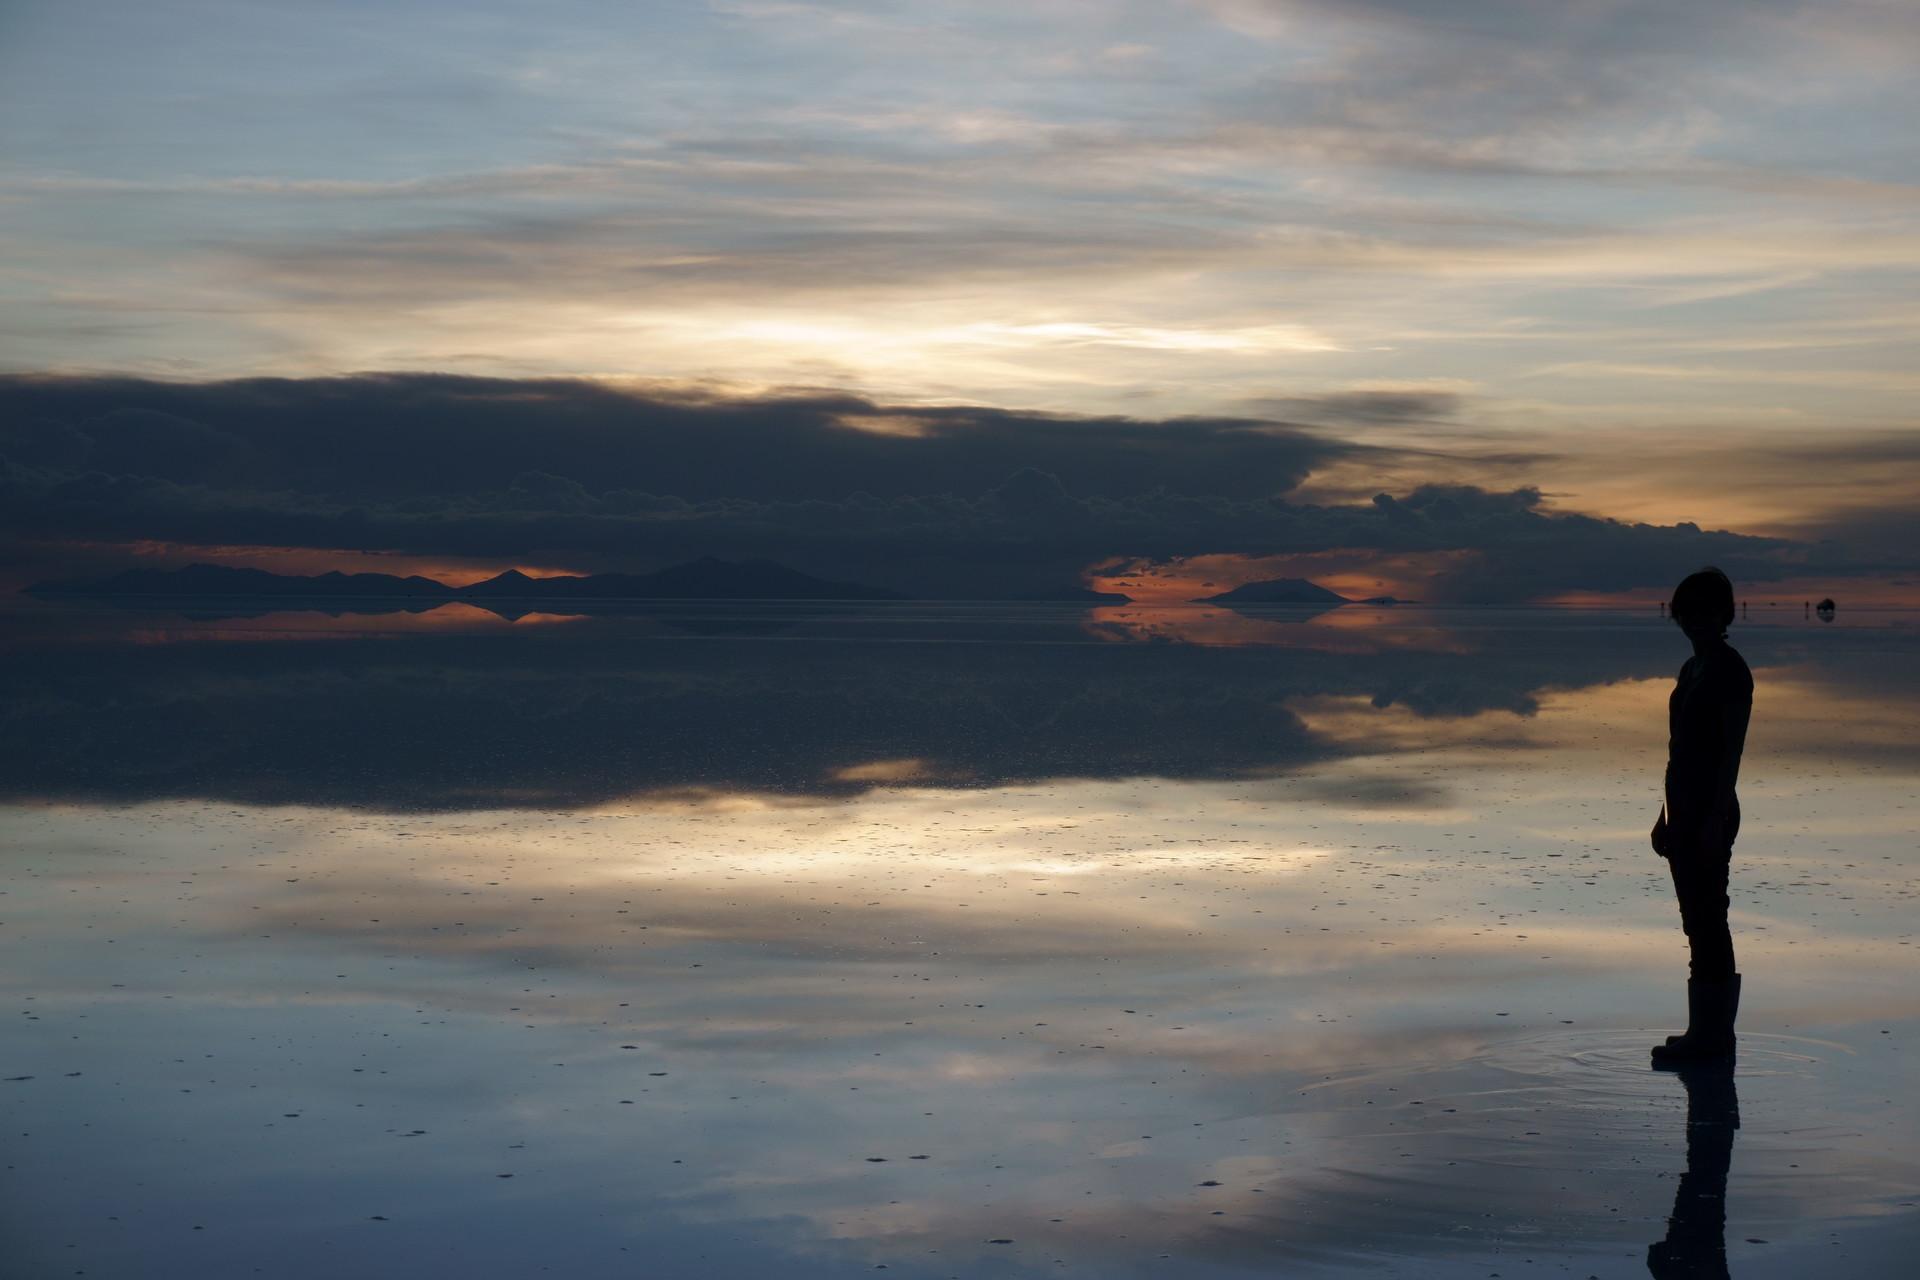 ボリビア ウユニ塩湖 サンセットサンライズ 夕暮れ2